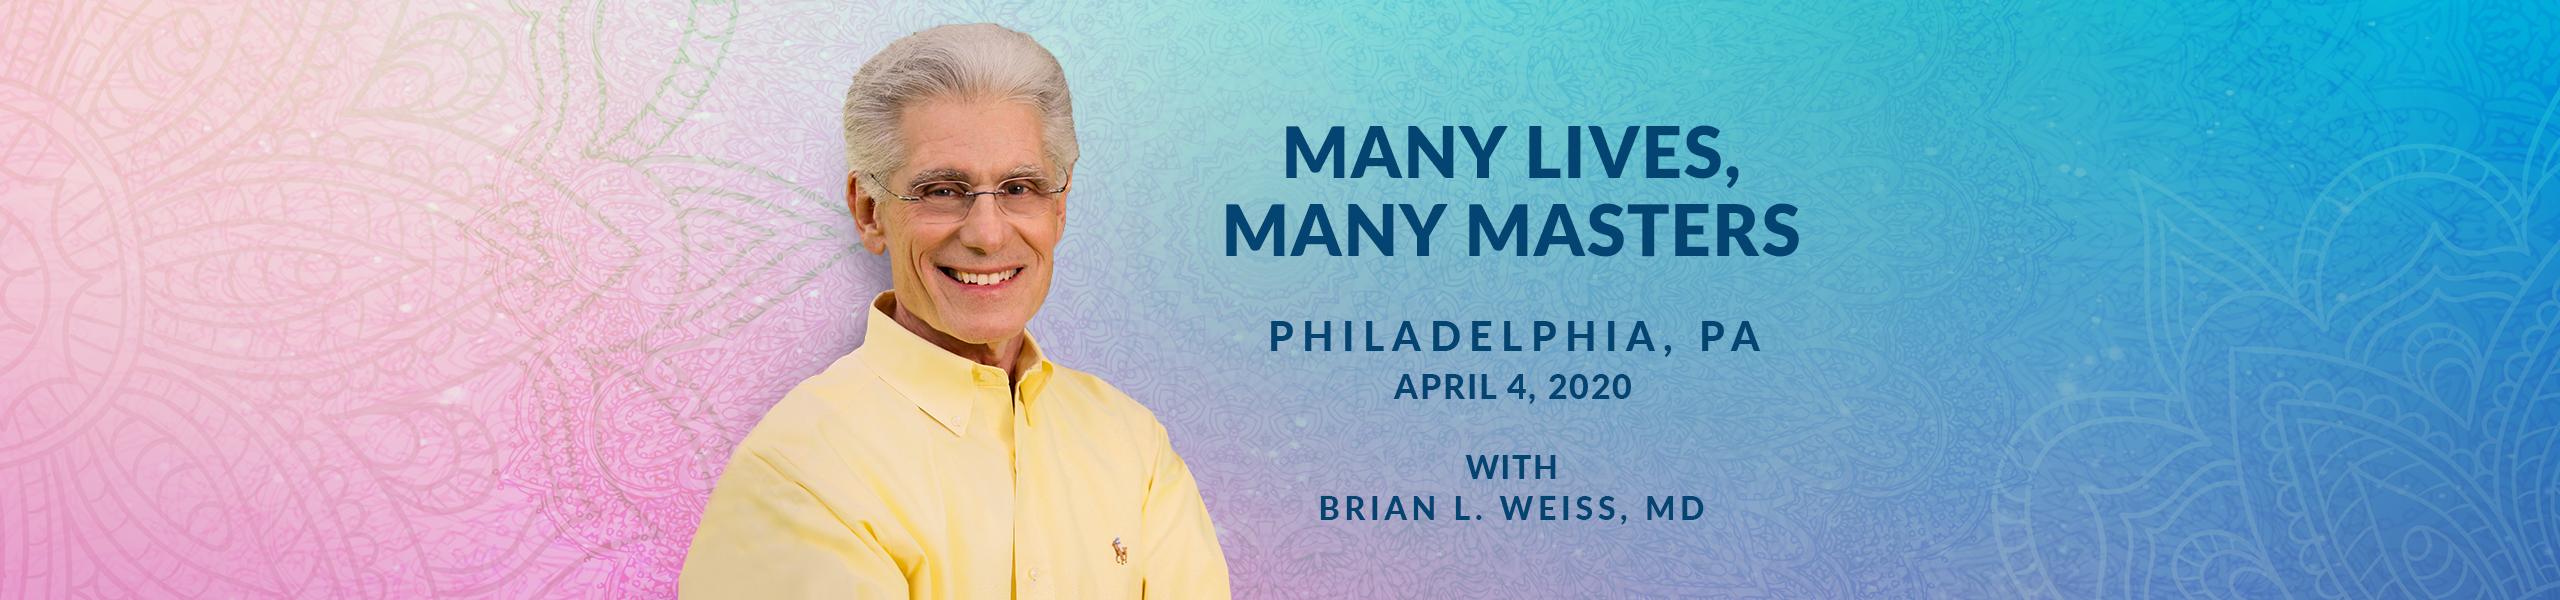 Many Lives, Many Masters 2020 Philadelphia